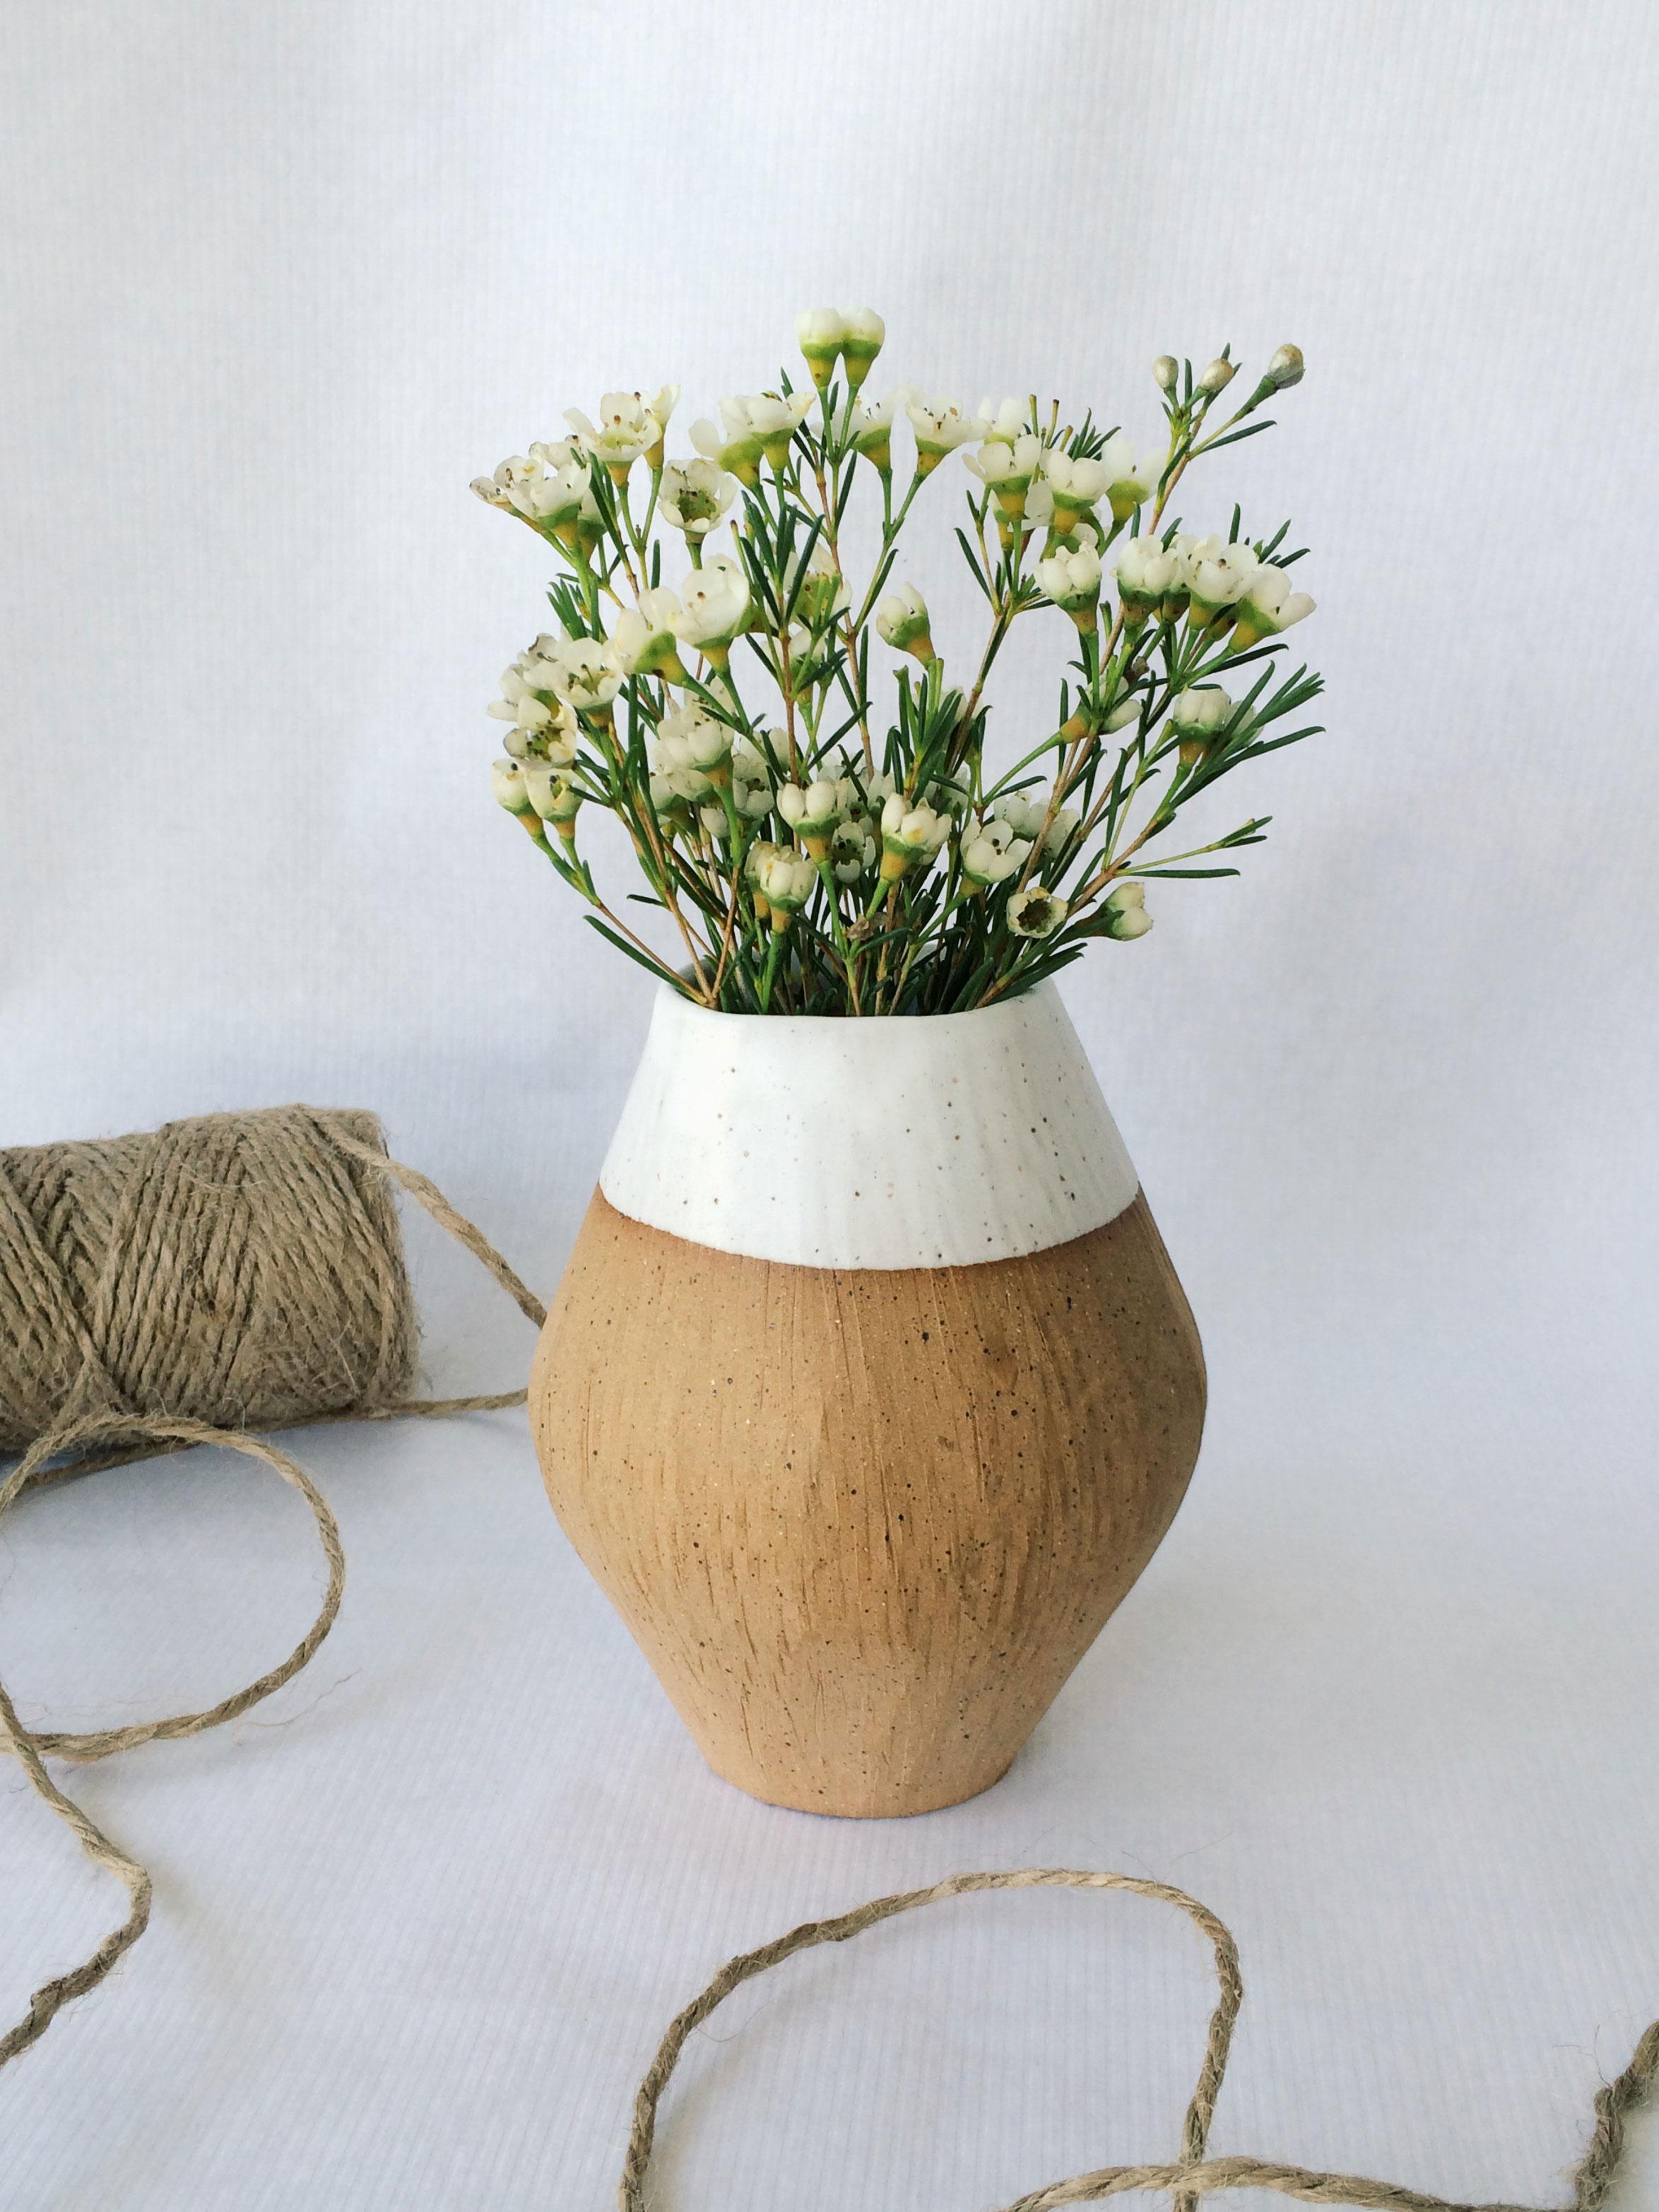 Bud vases arrow sage the blog small bud vase arrow sage reviewsmspy